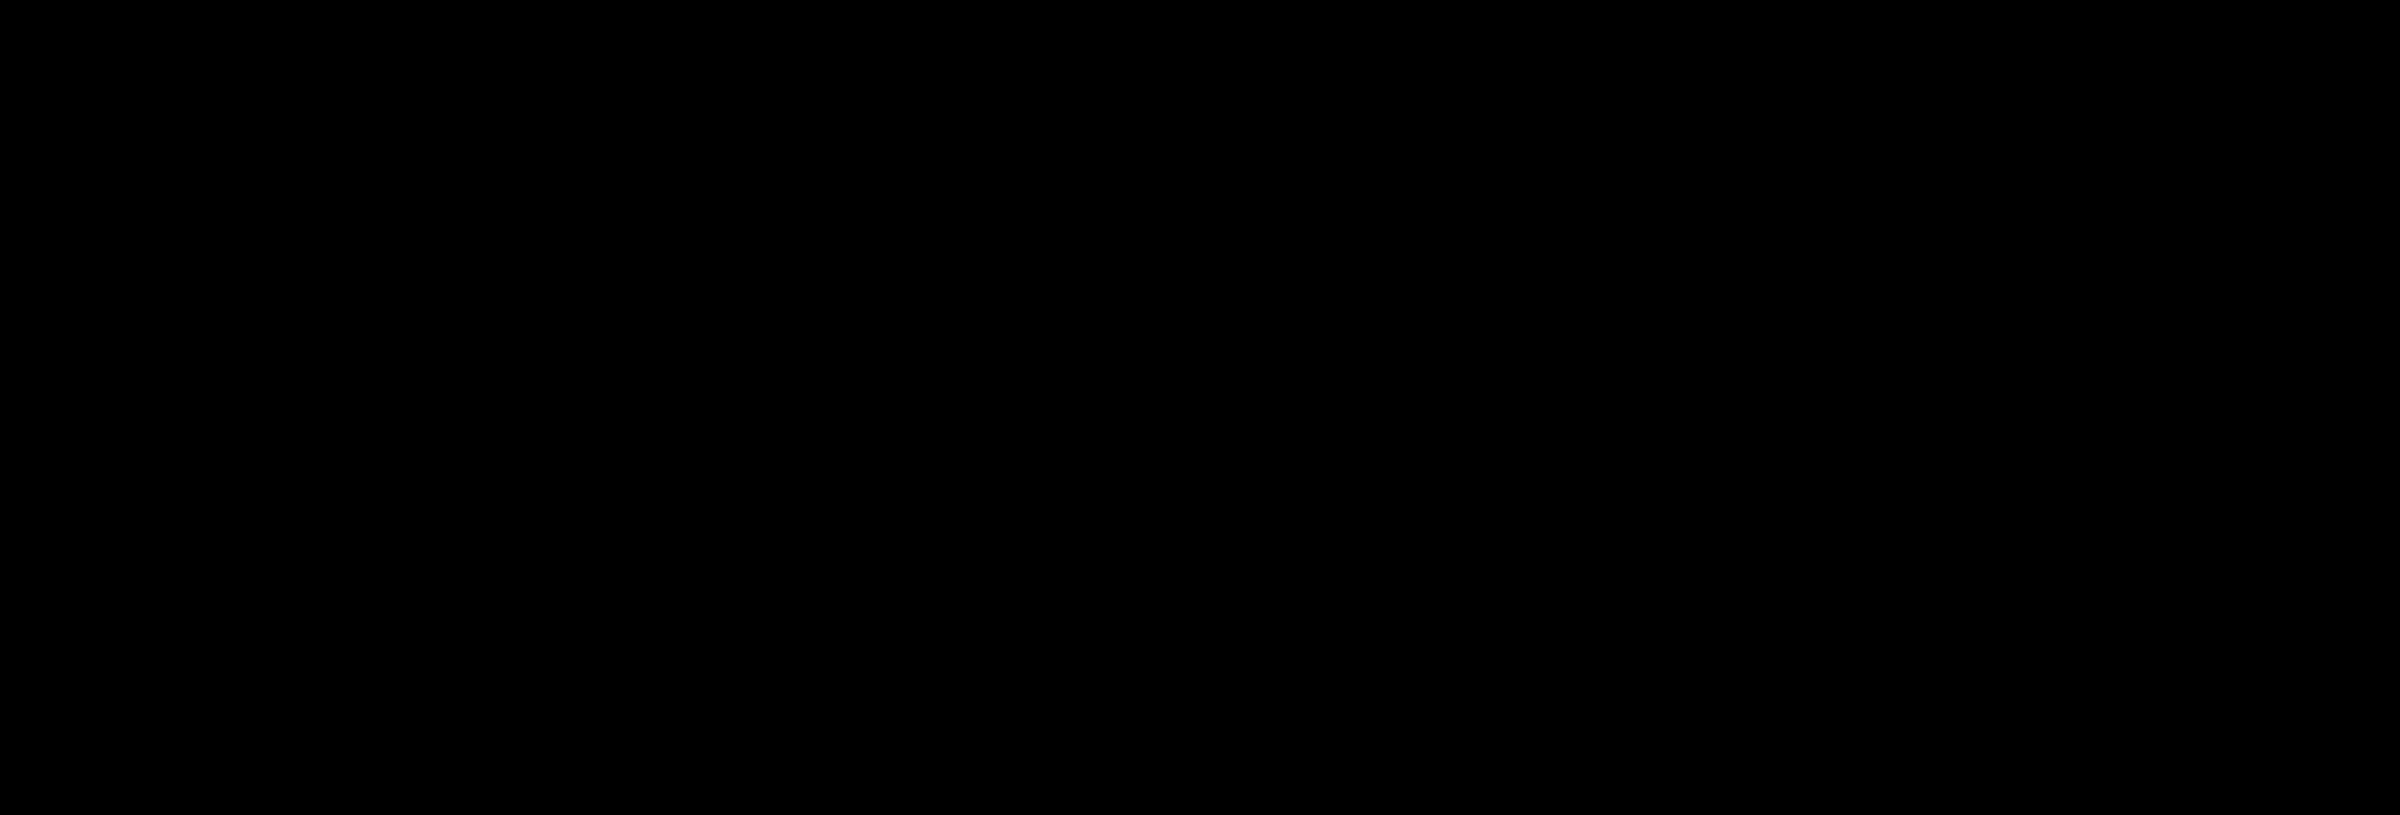 2400x815 Car Silhouette Clipart